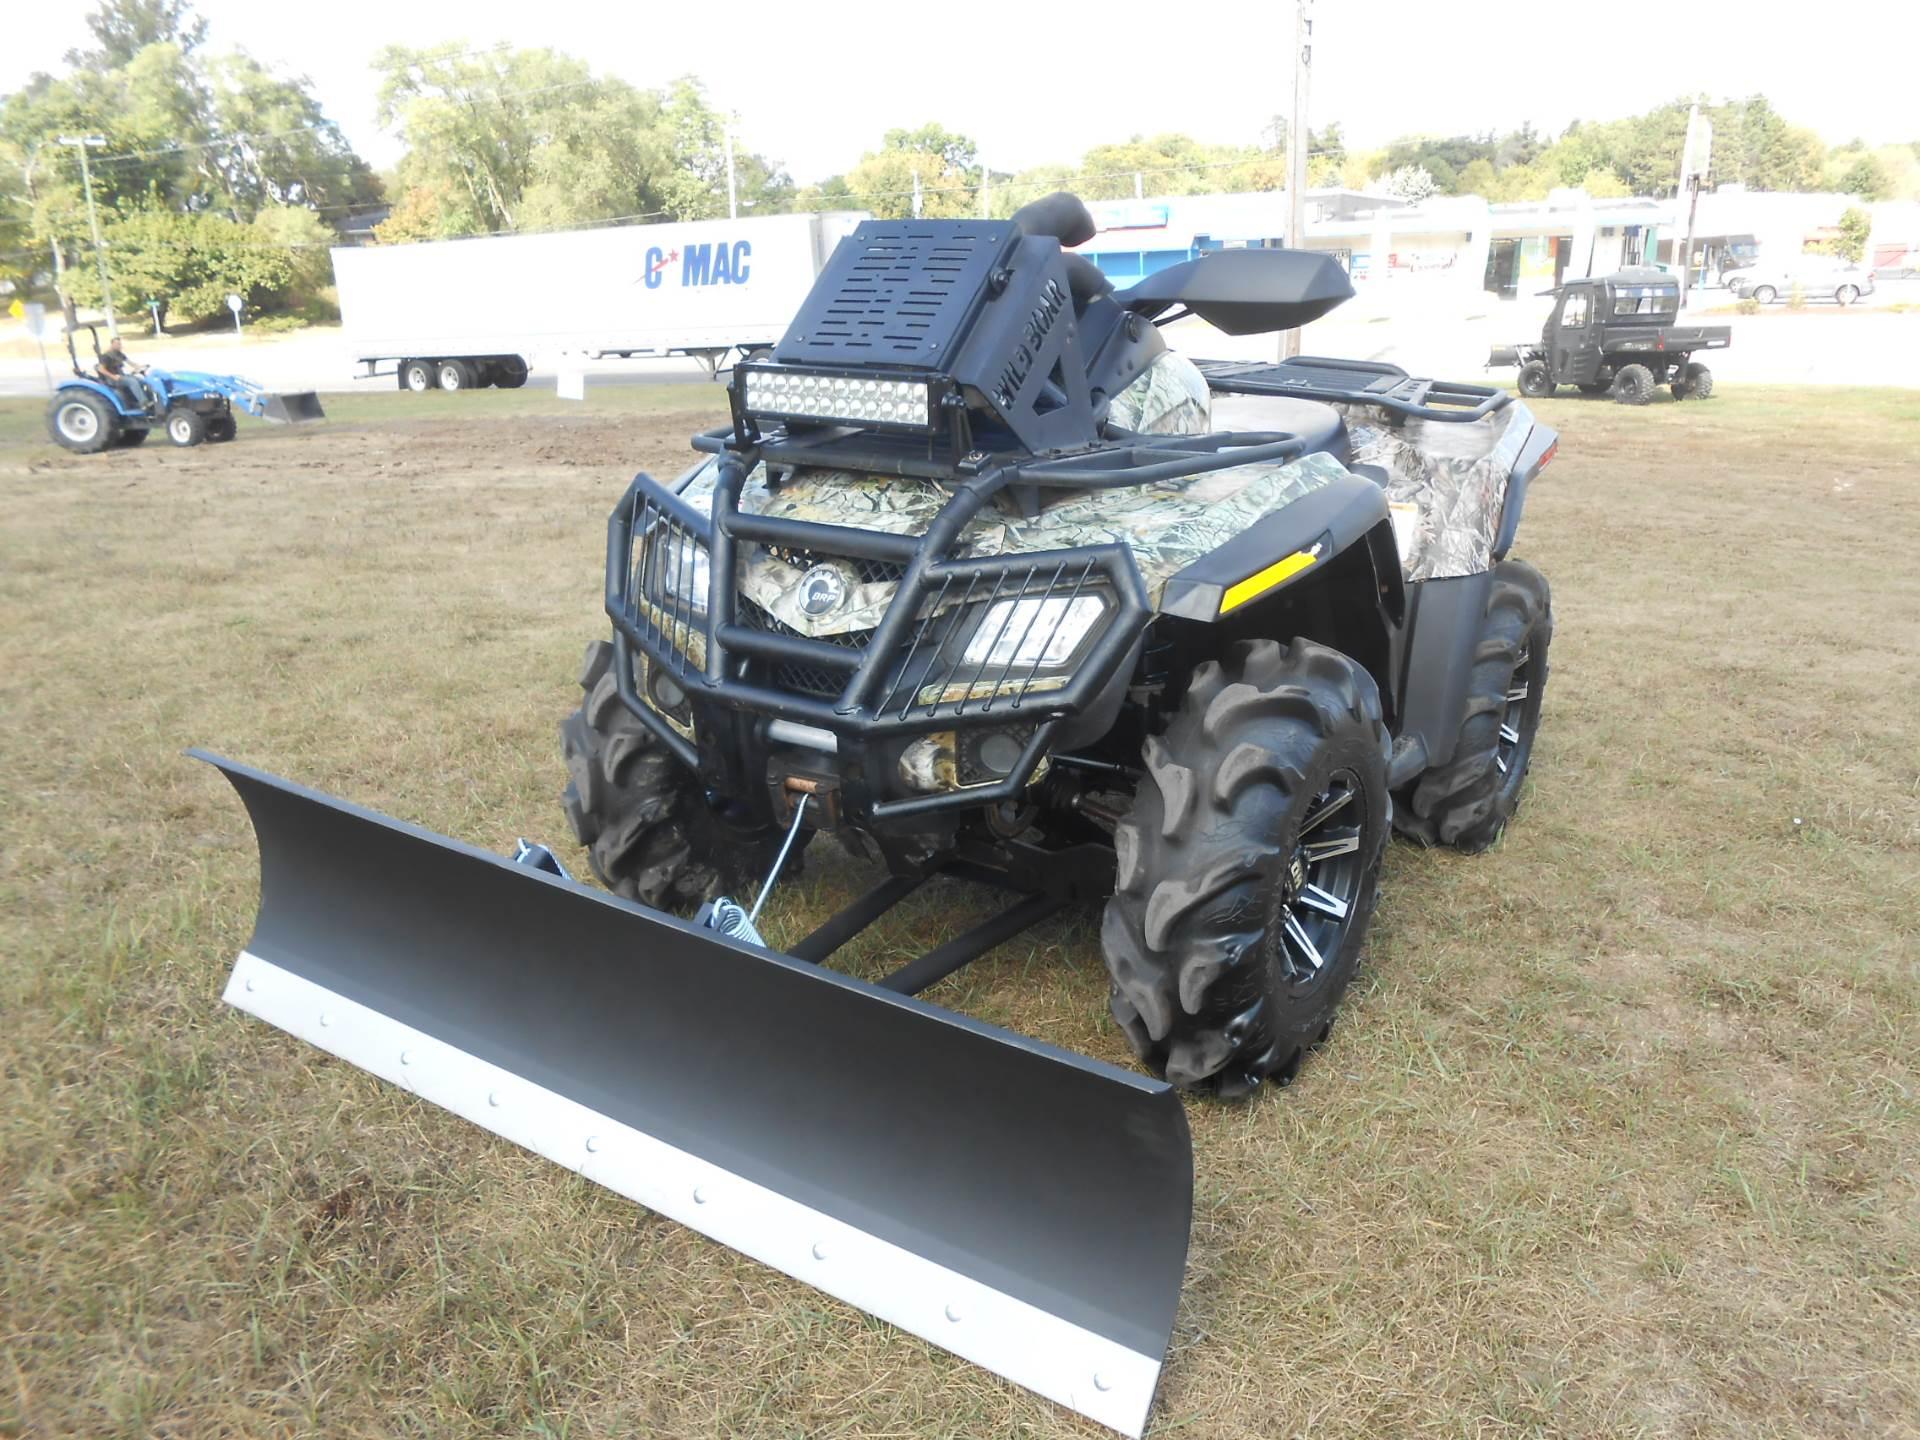 2010 Outlander XT 800R EFI